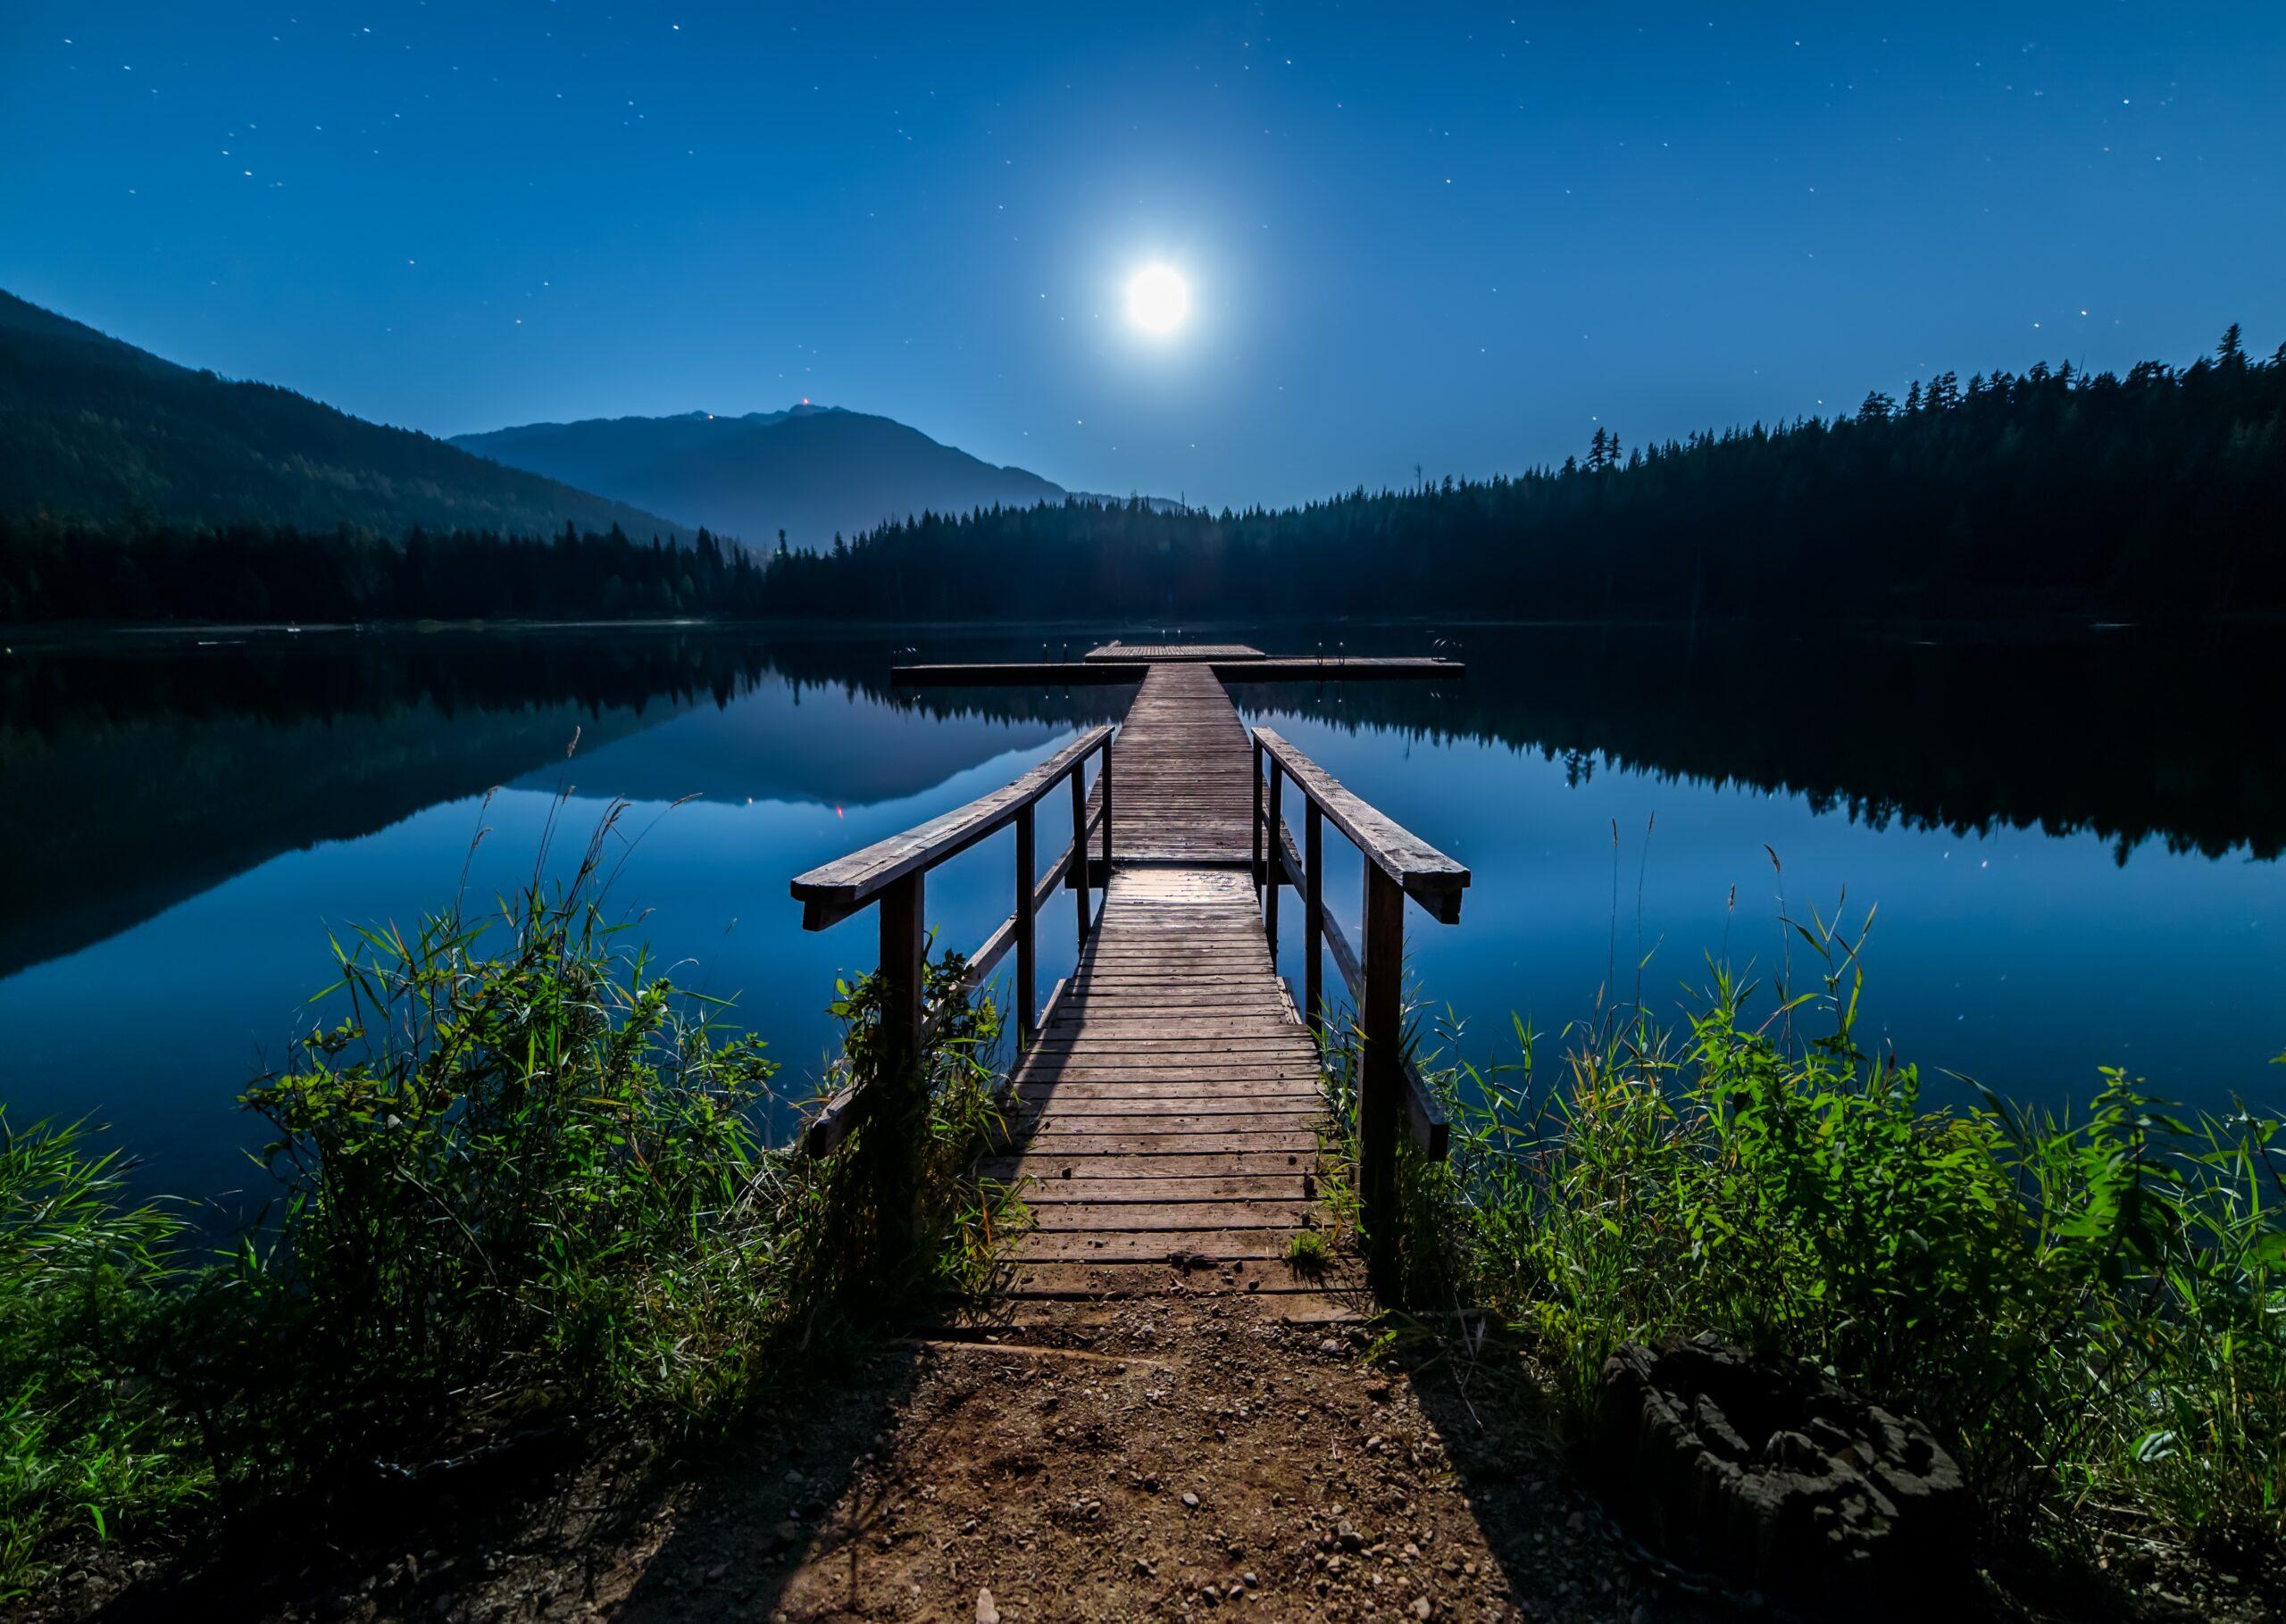 Landschap verlichten in de avond